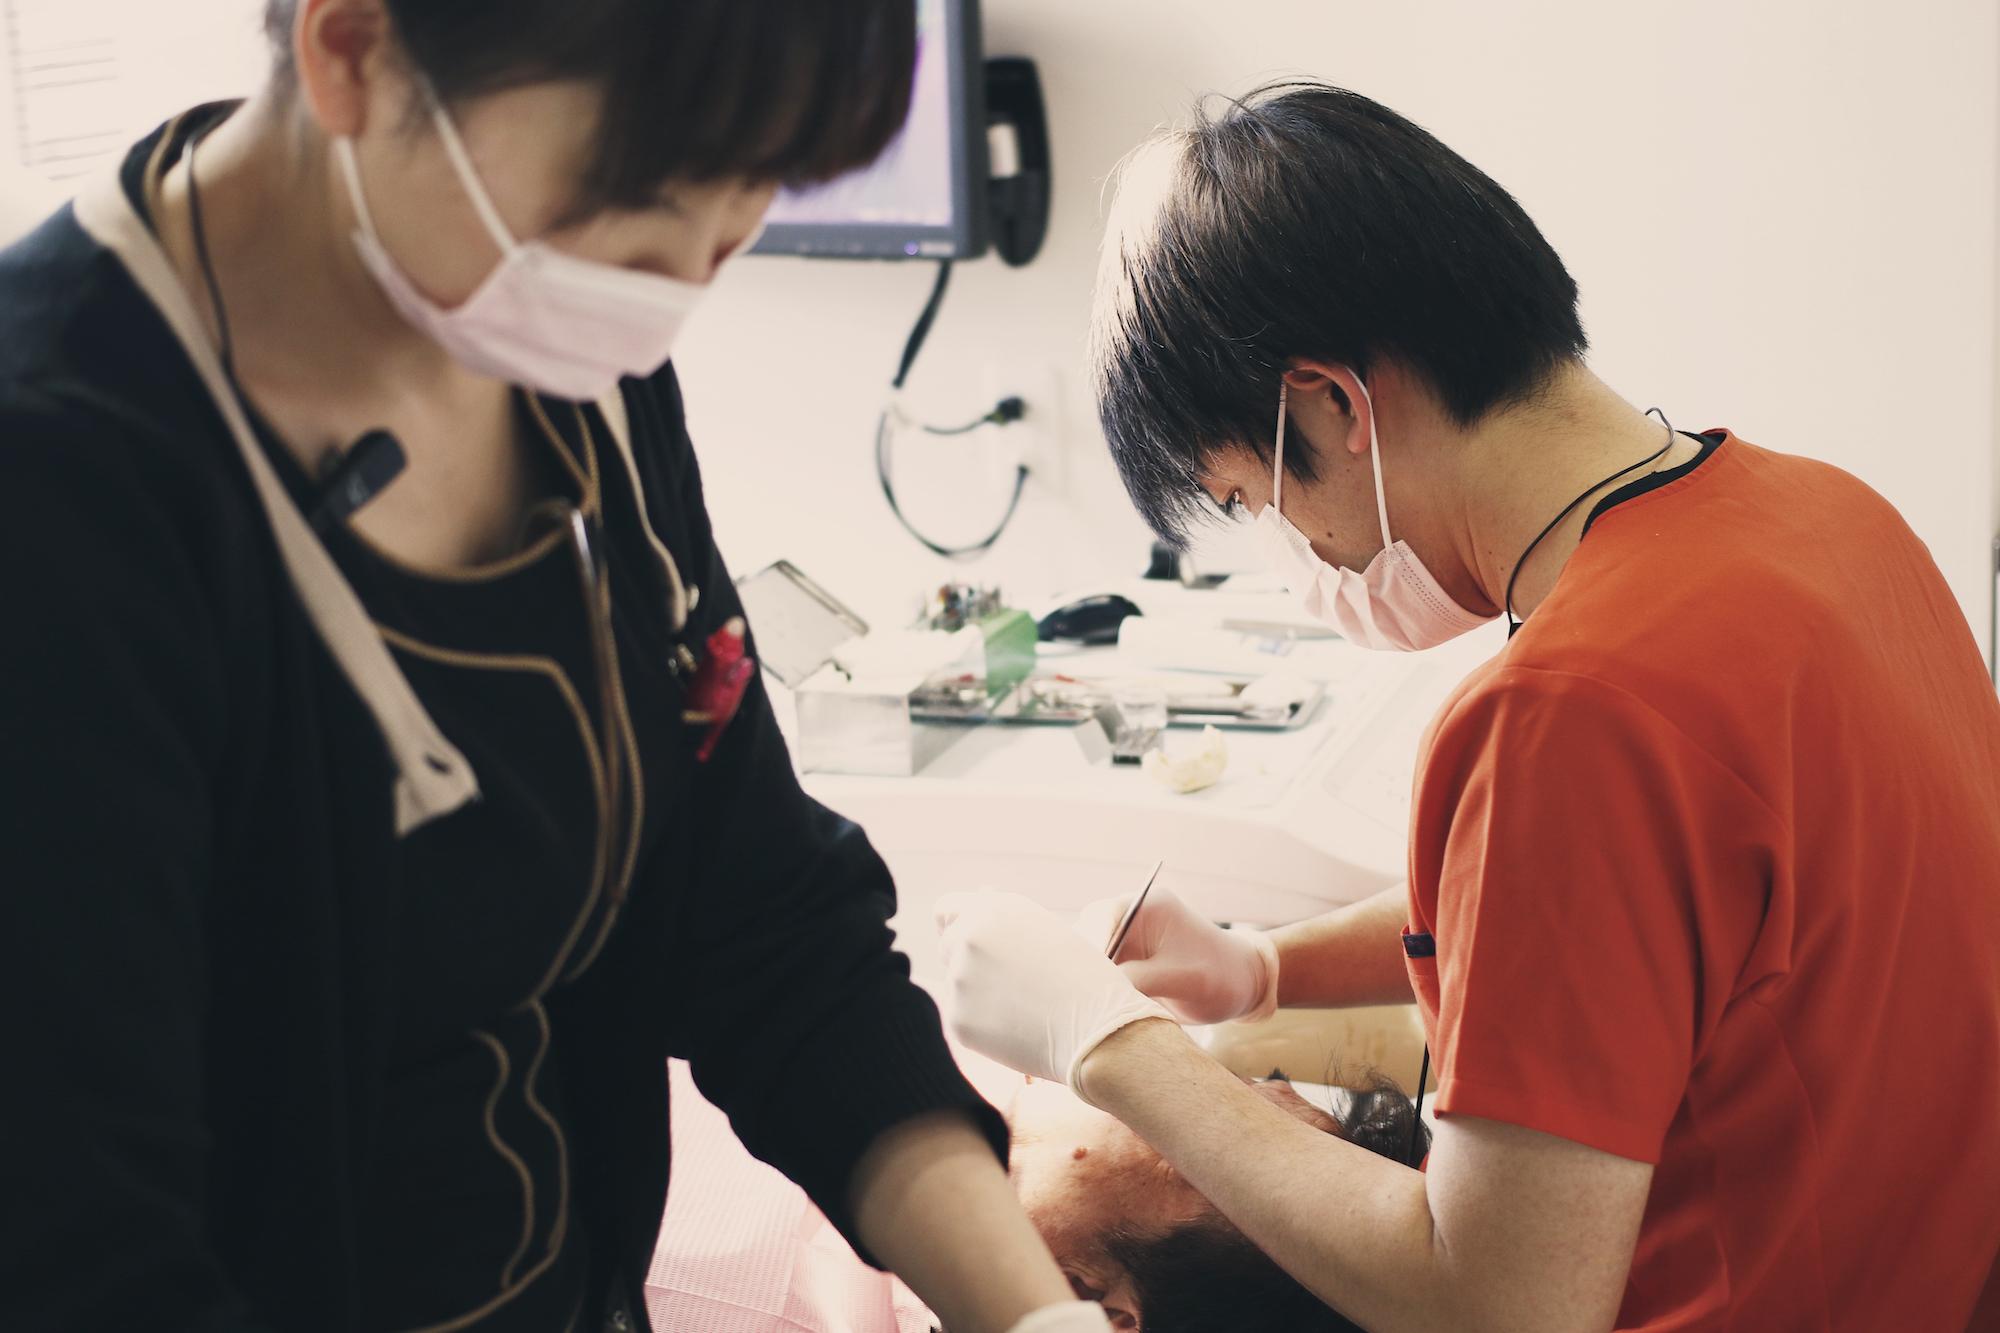 歯科医師として働くことの意義とは